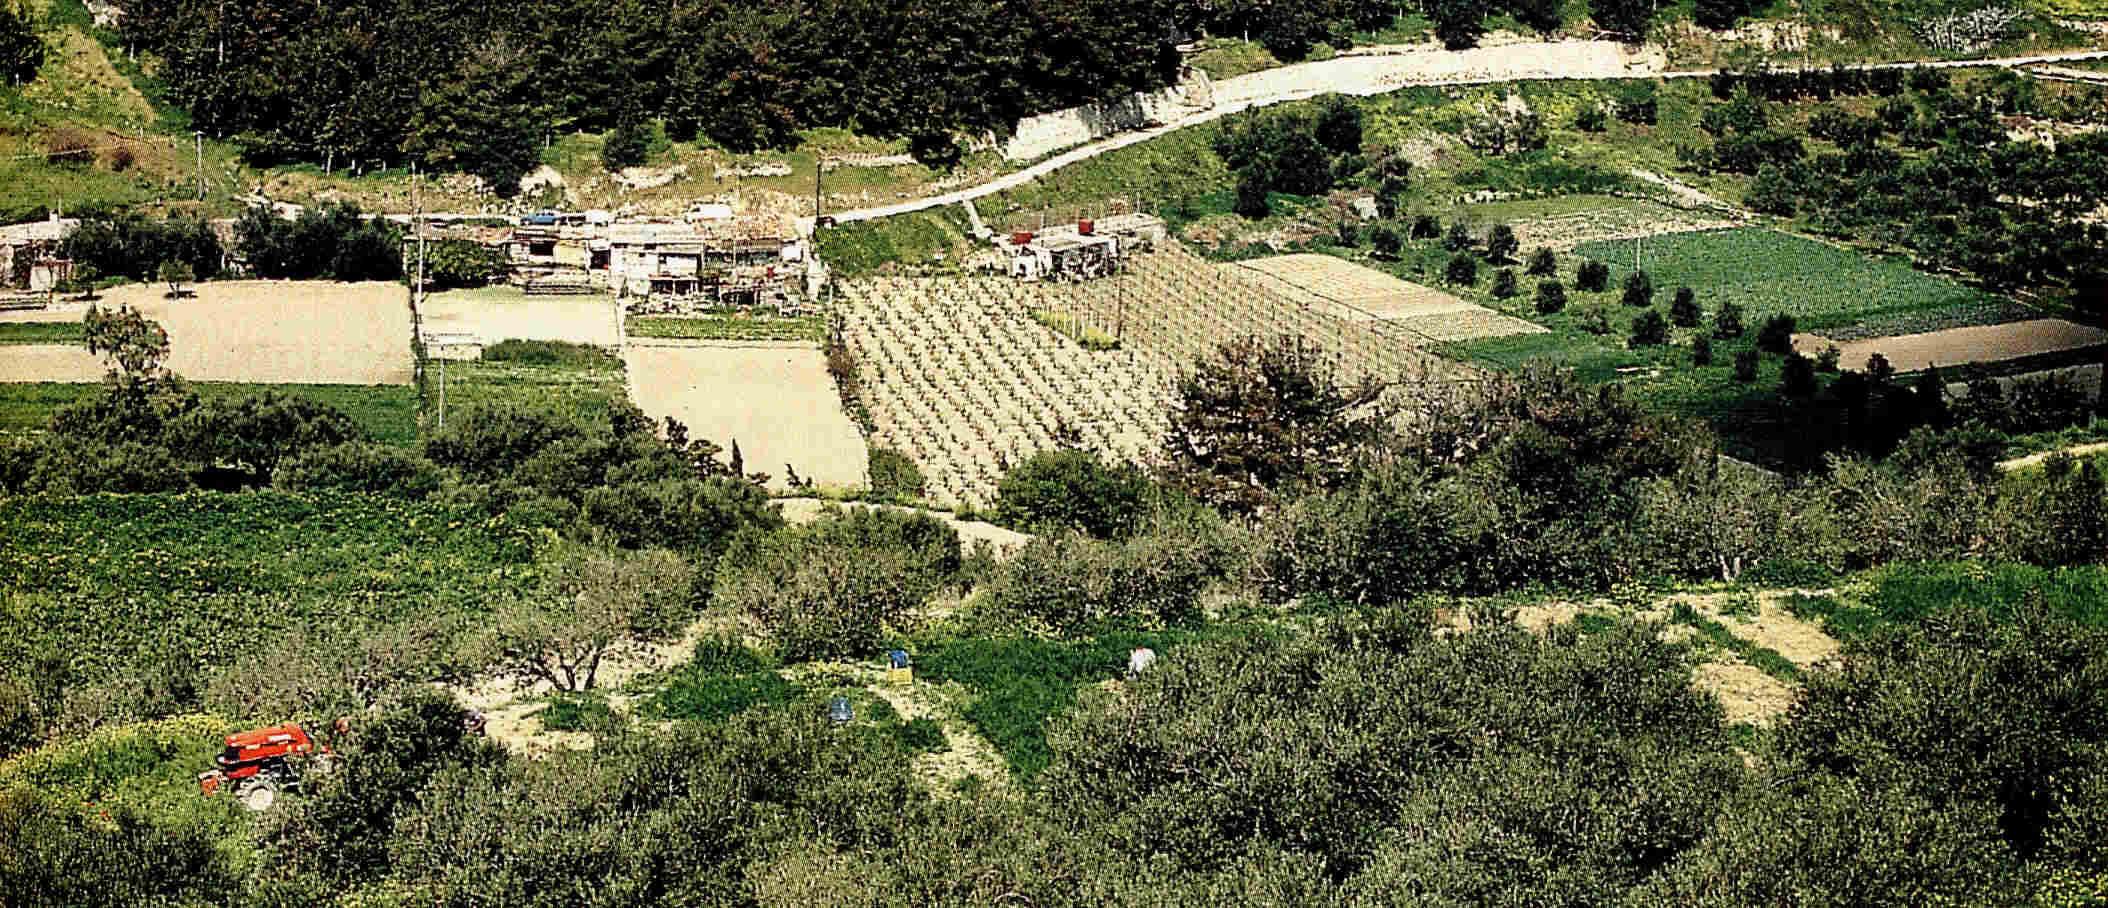 Los minoicos de Grecia clásica 3